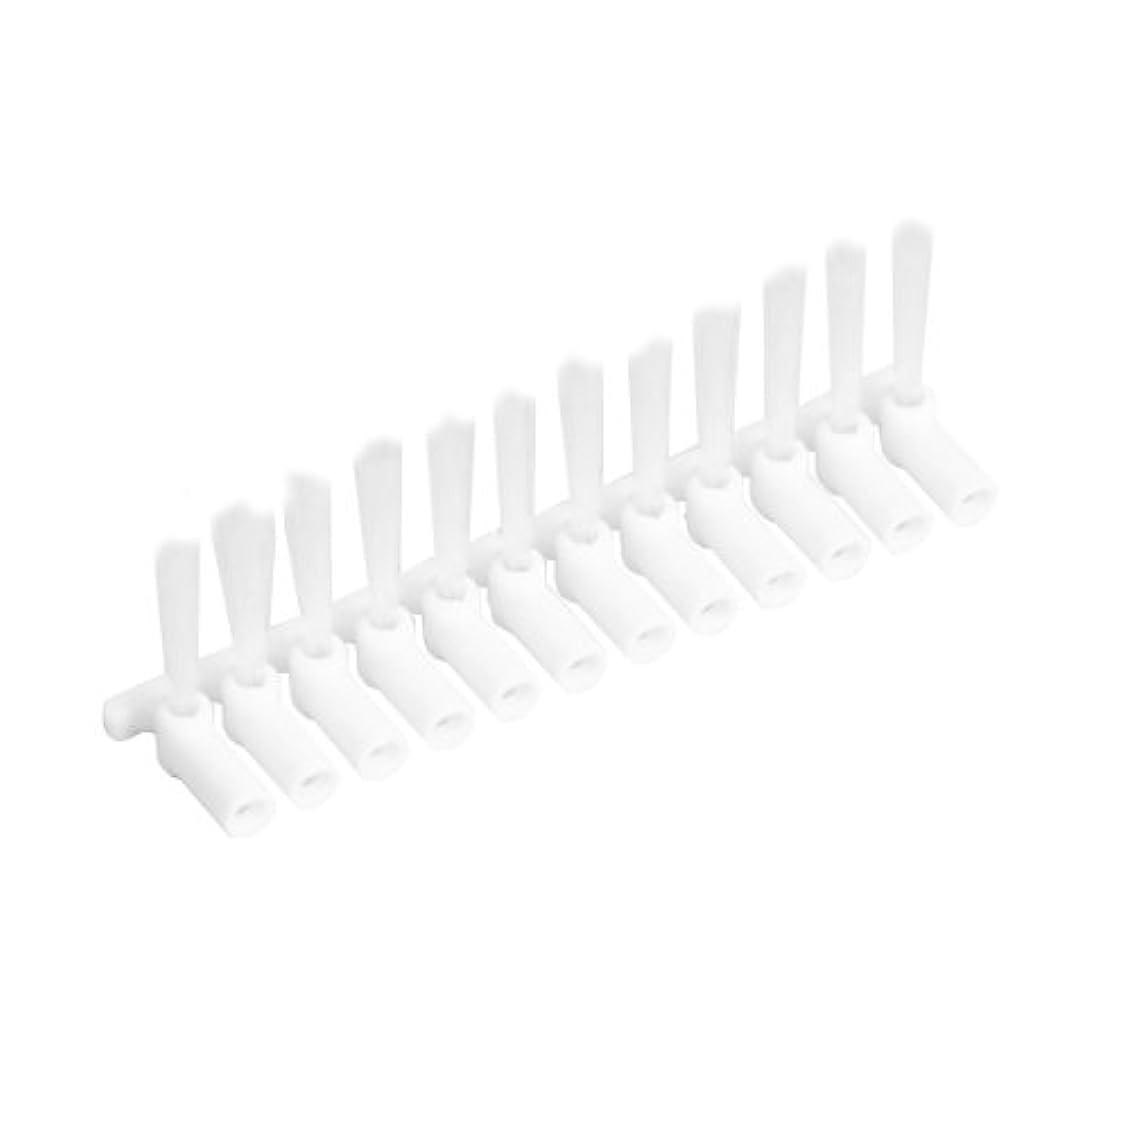 データ役職変形する山善 電動歯間ブラシ デンタルペッカー専用替ブラシ 12本(専用保管ケース付) DPK-10